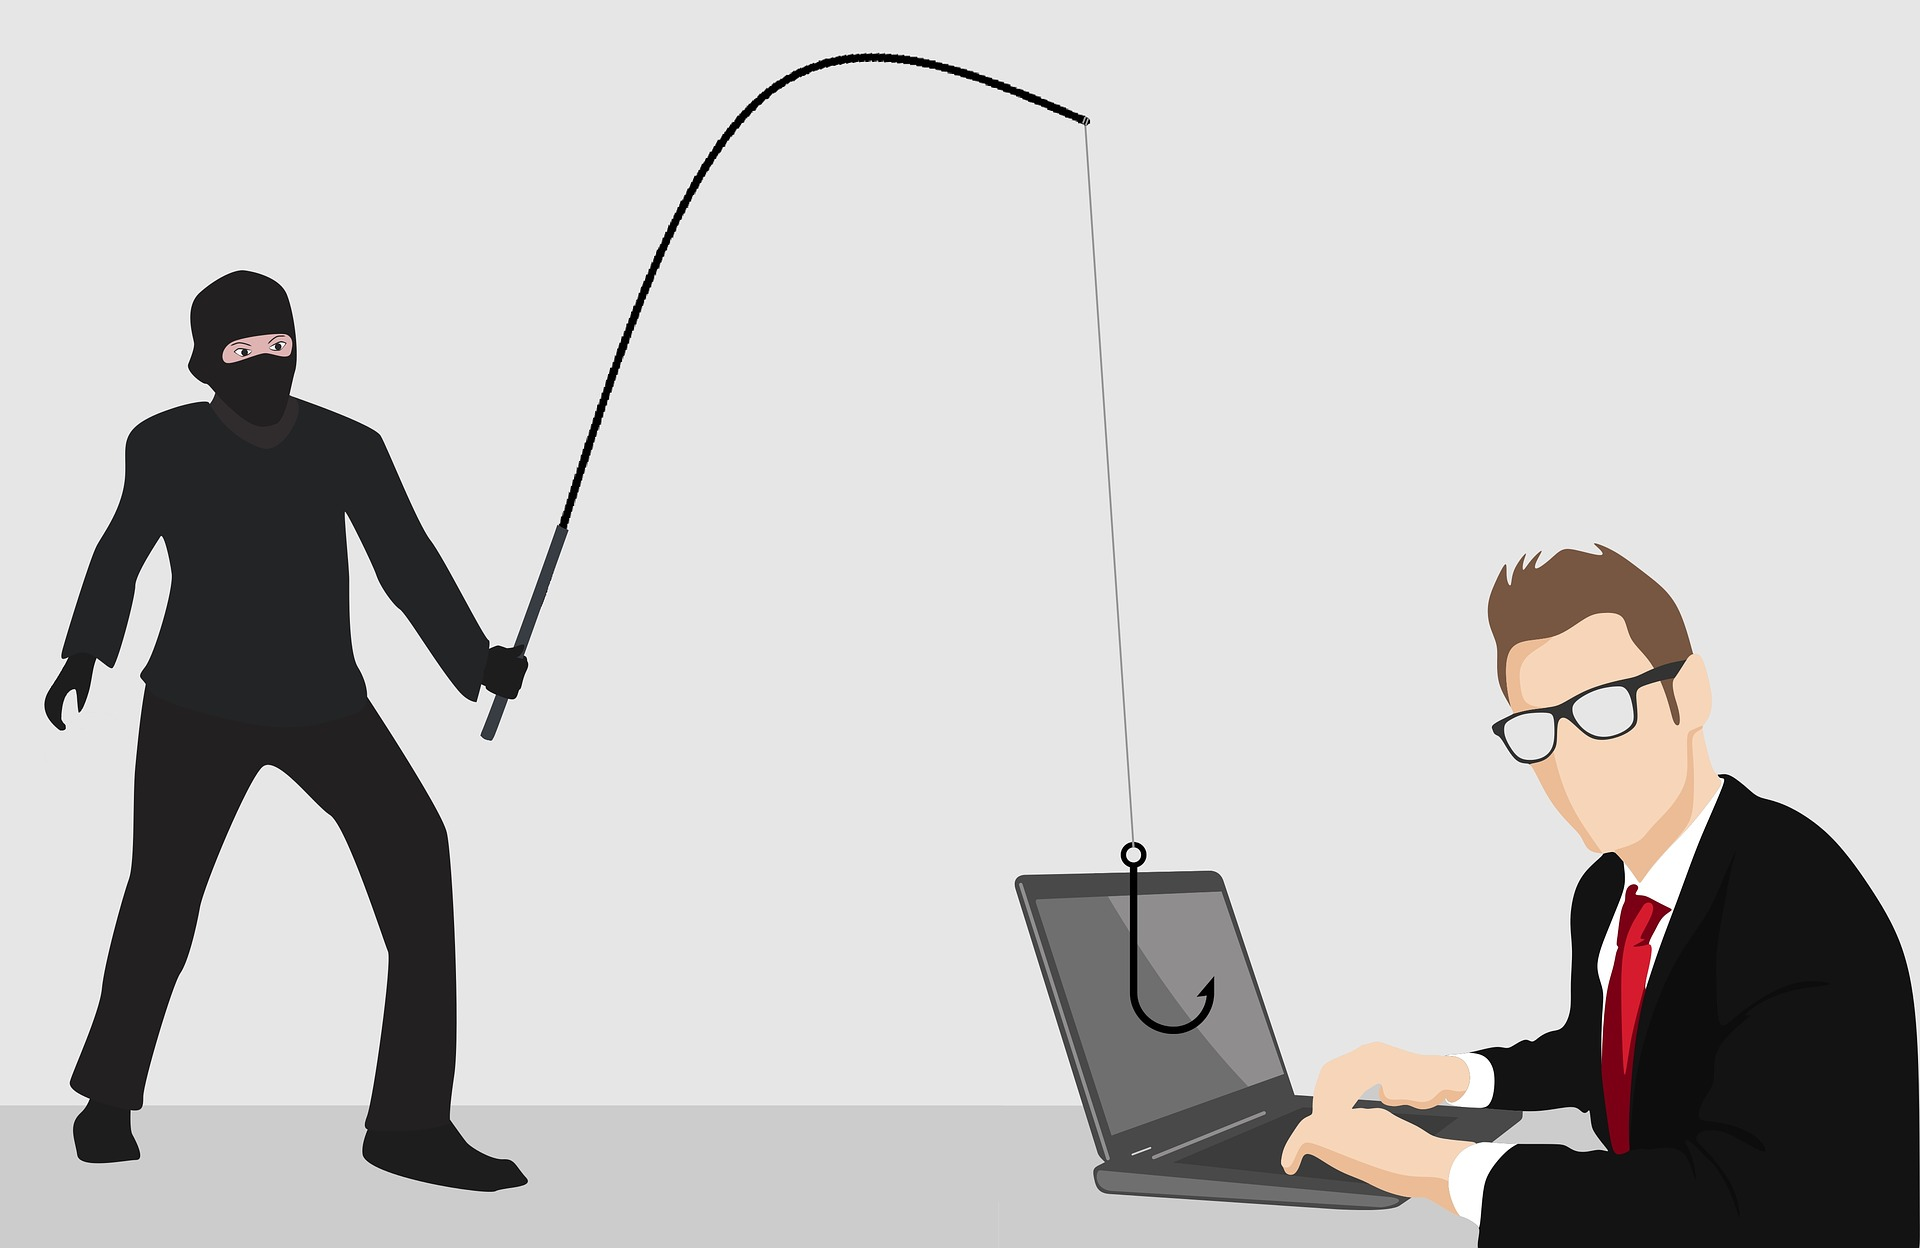 Email Running Very Low of Data Volume Phishing Scam